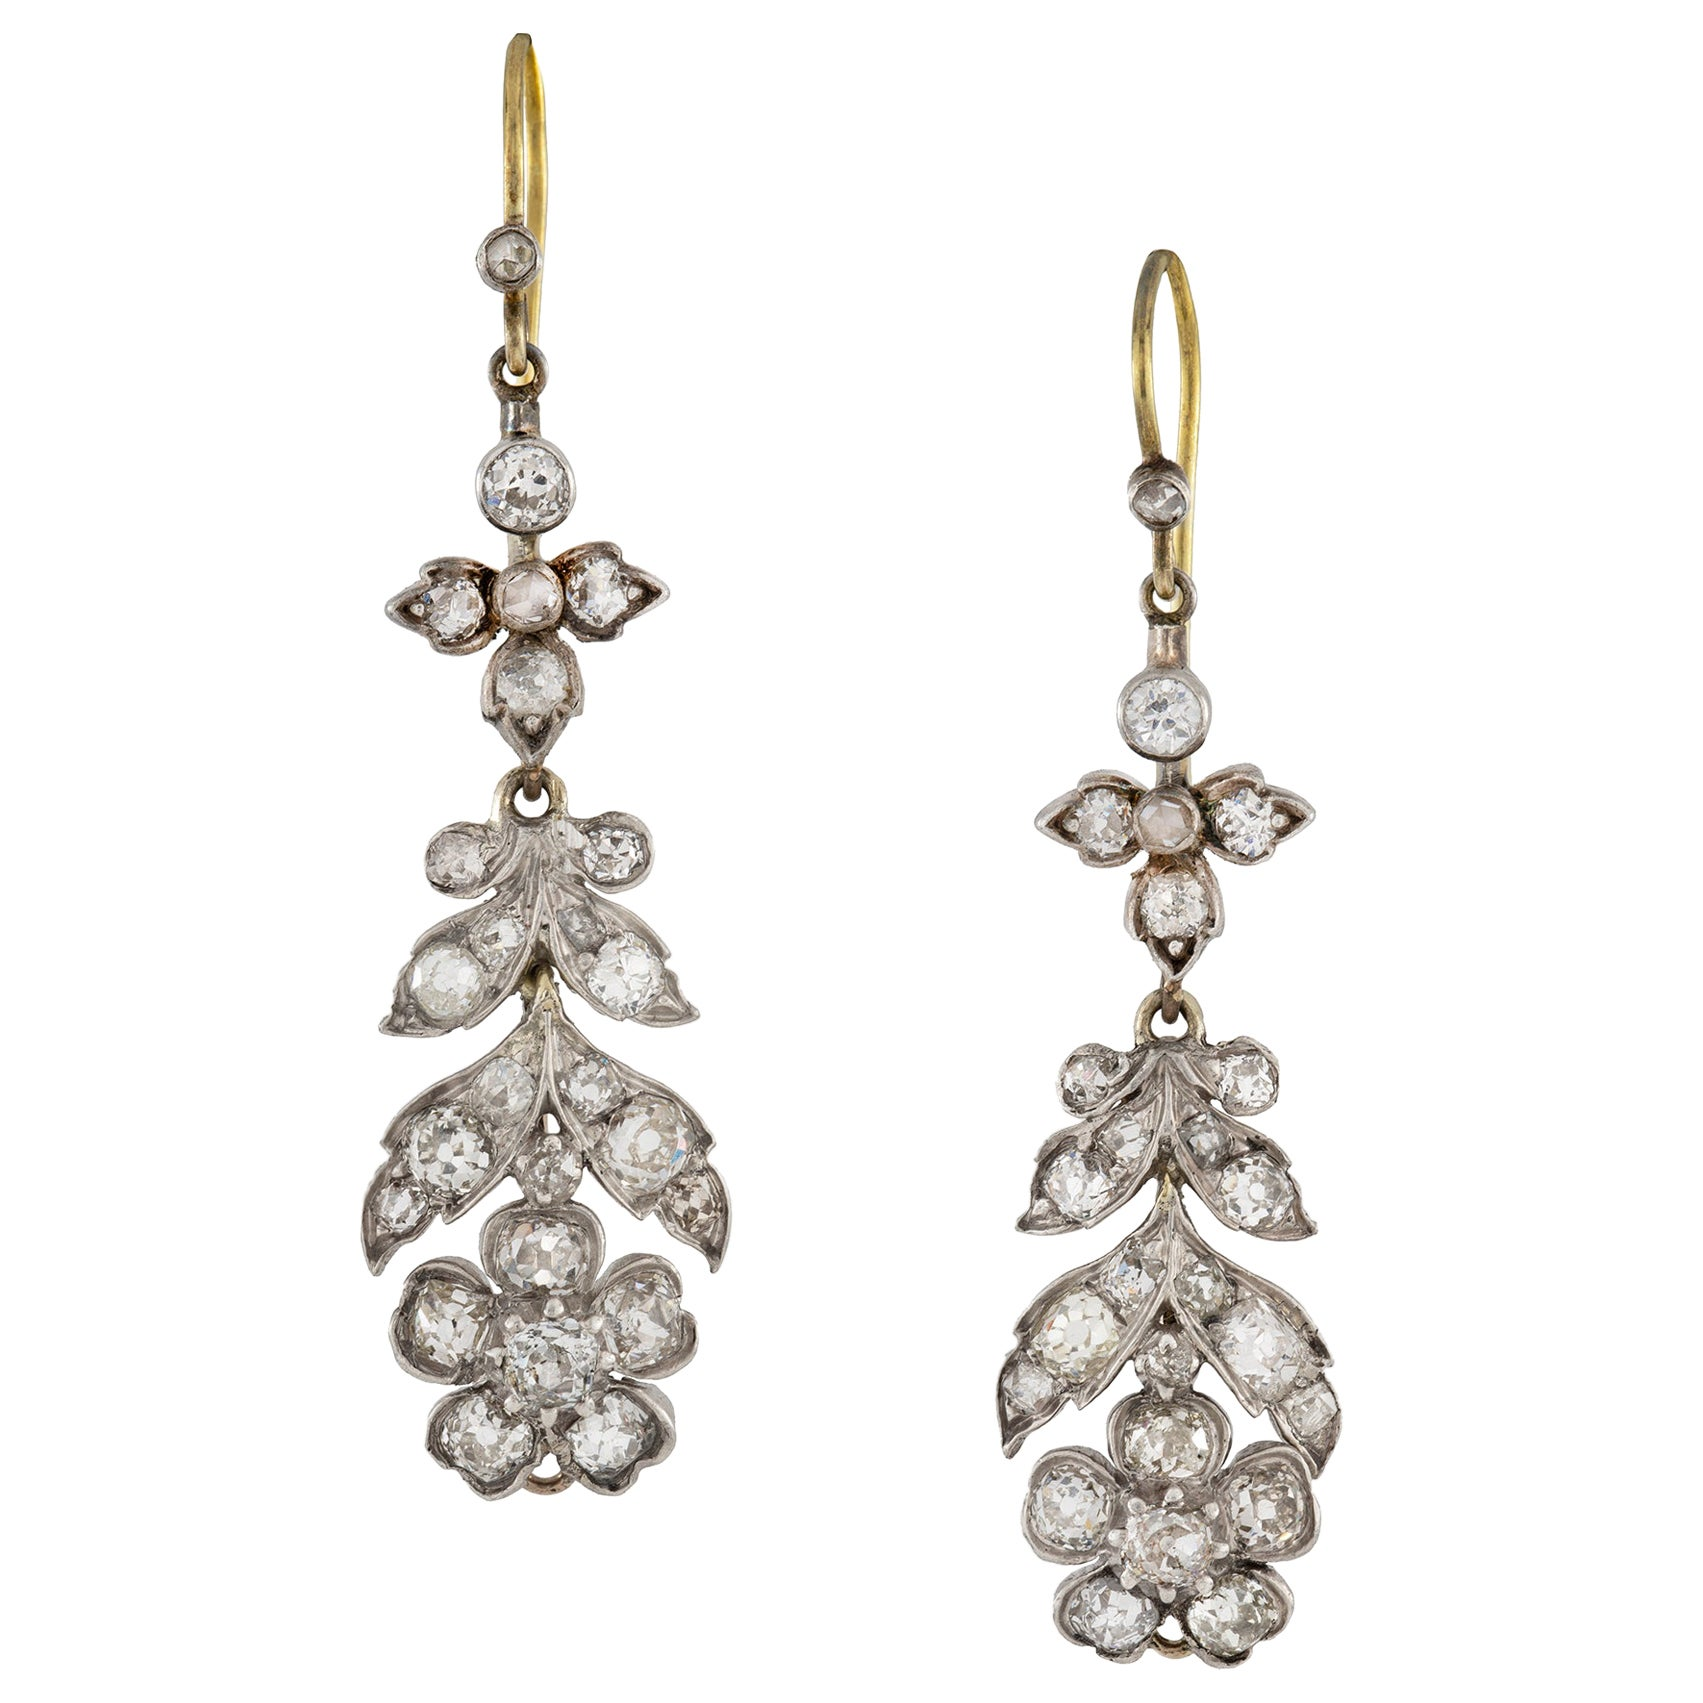 Pair of Victorian Drop Earrings